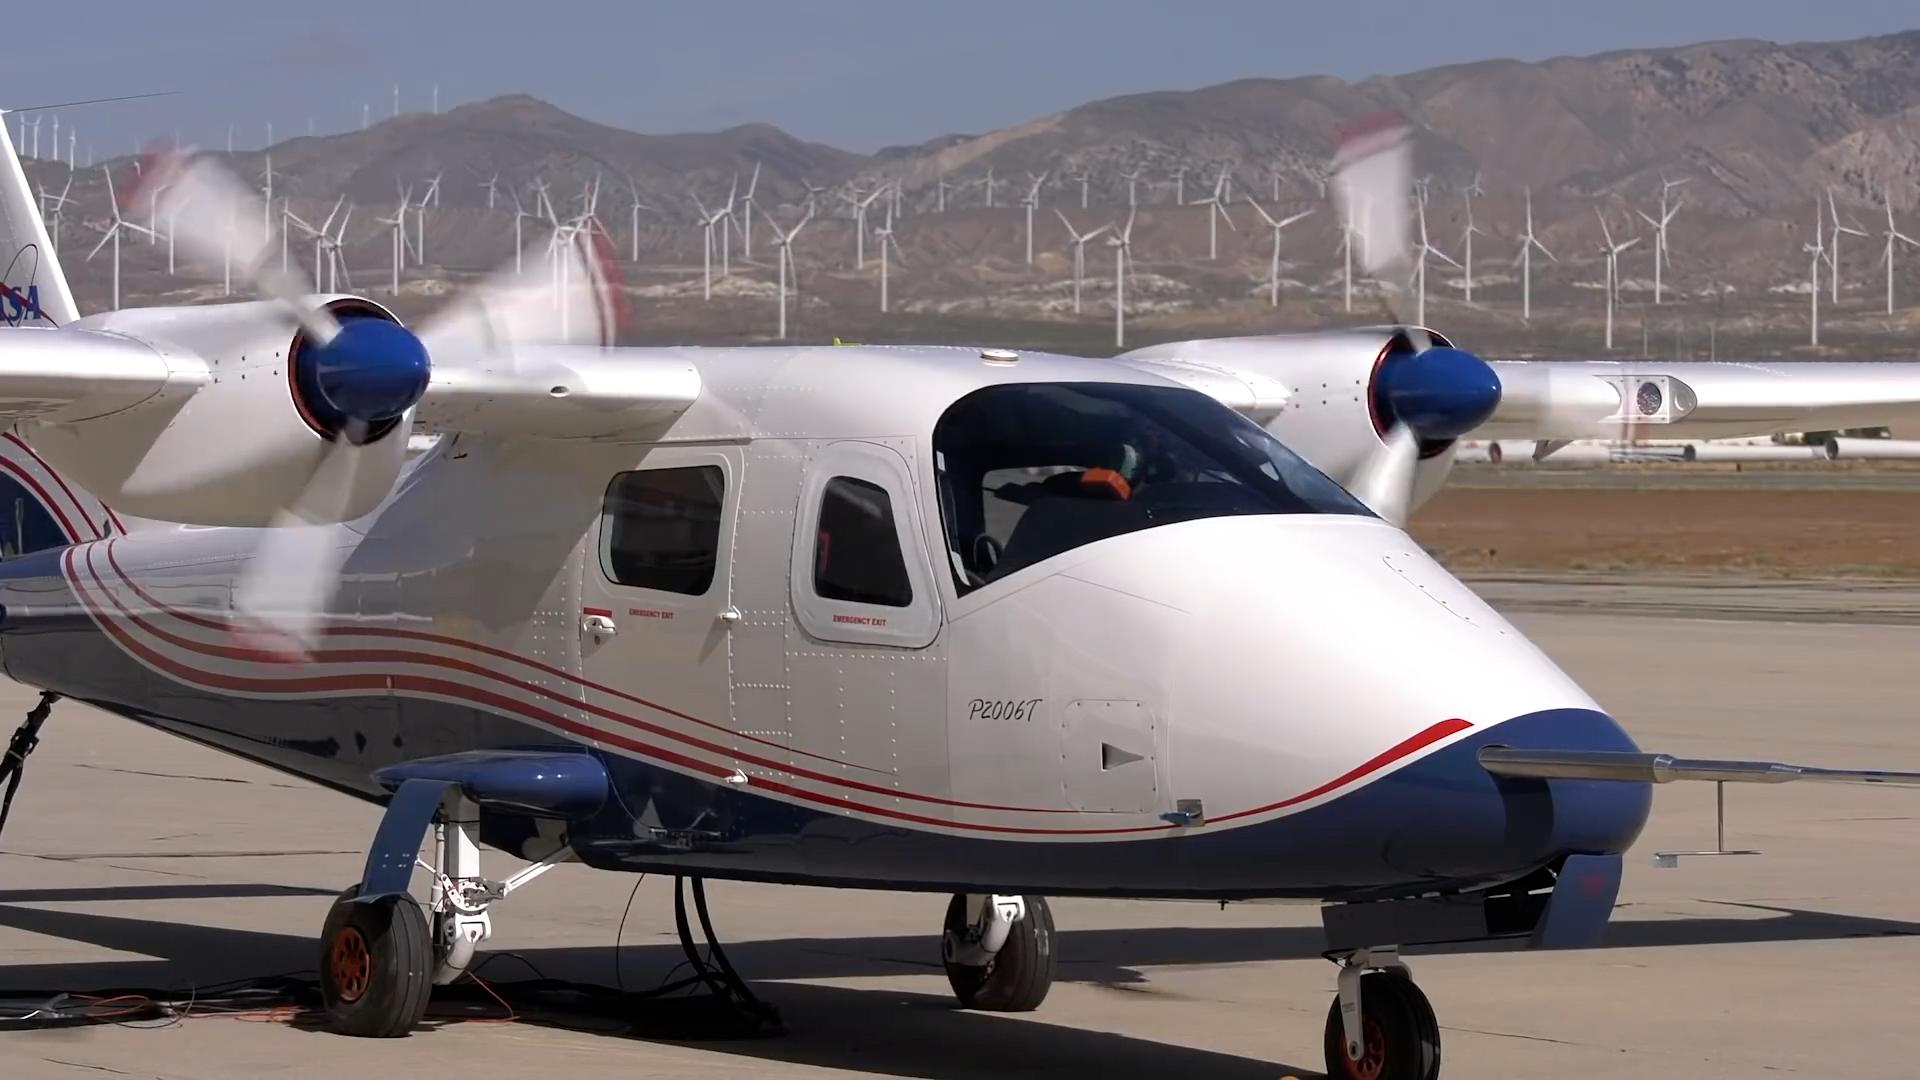 posádka letové posádky kaleidoskop datování 2 průchod